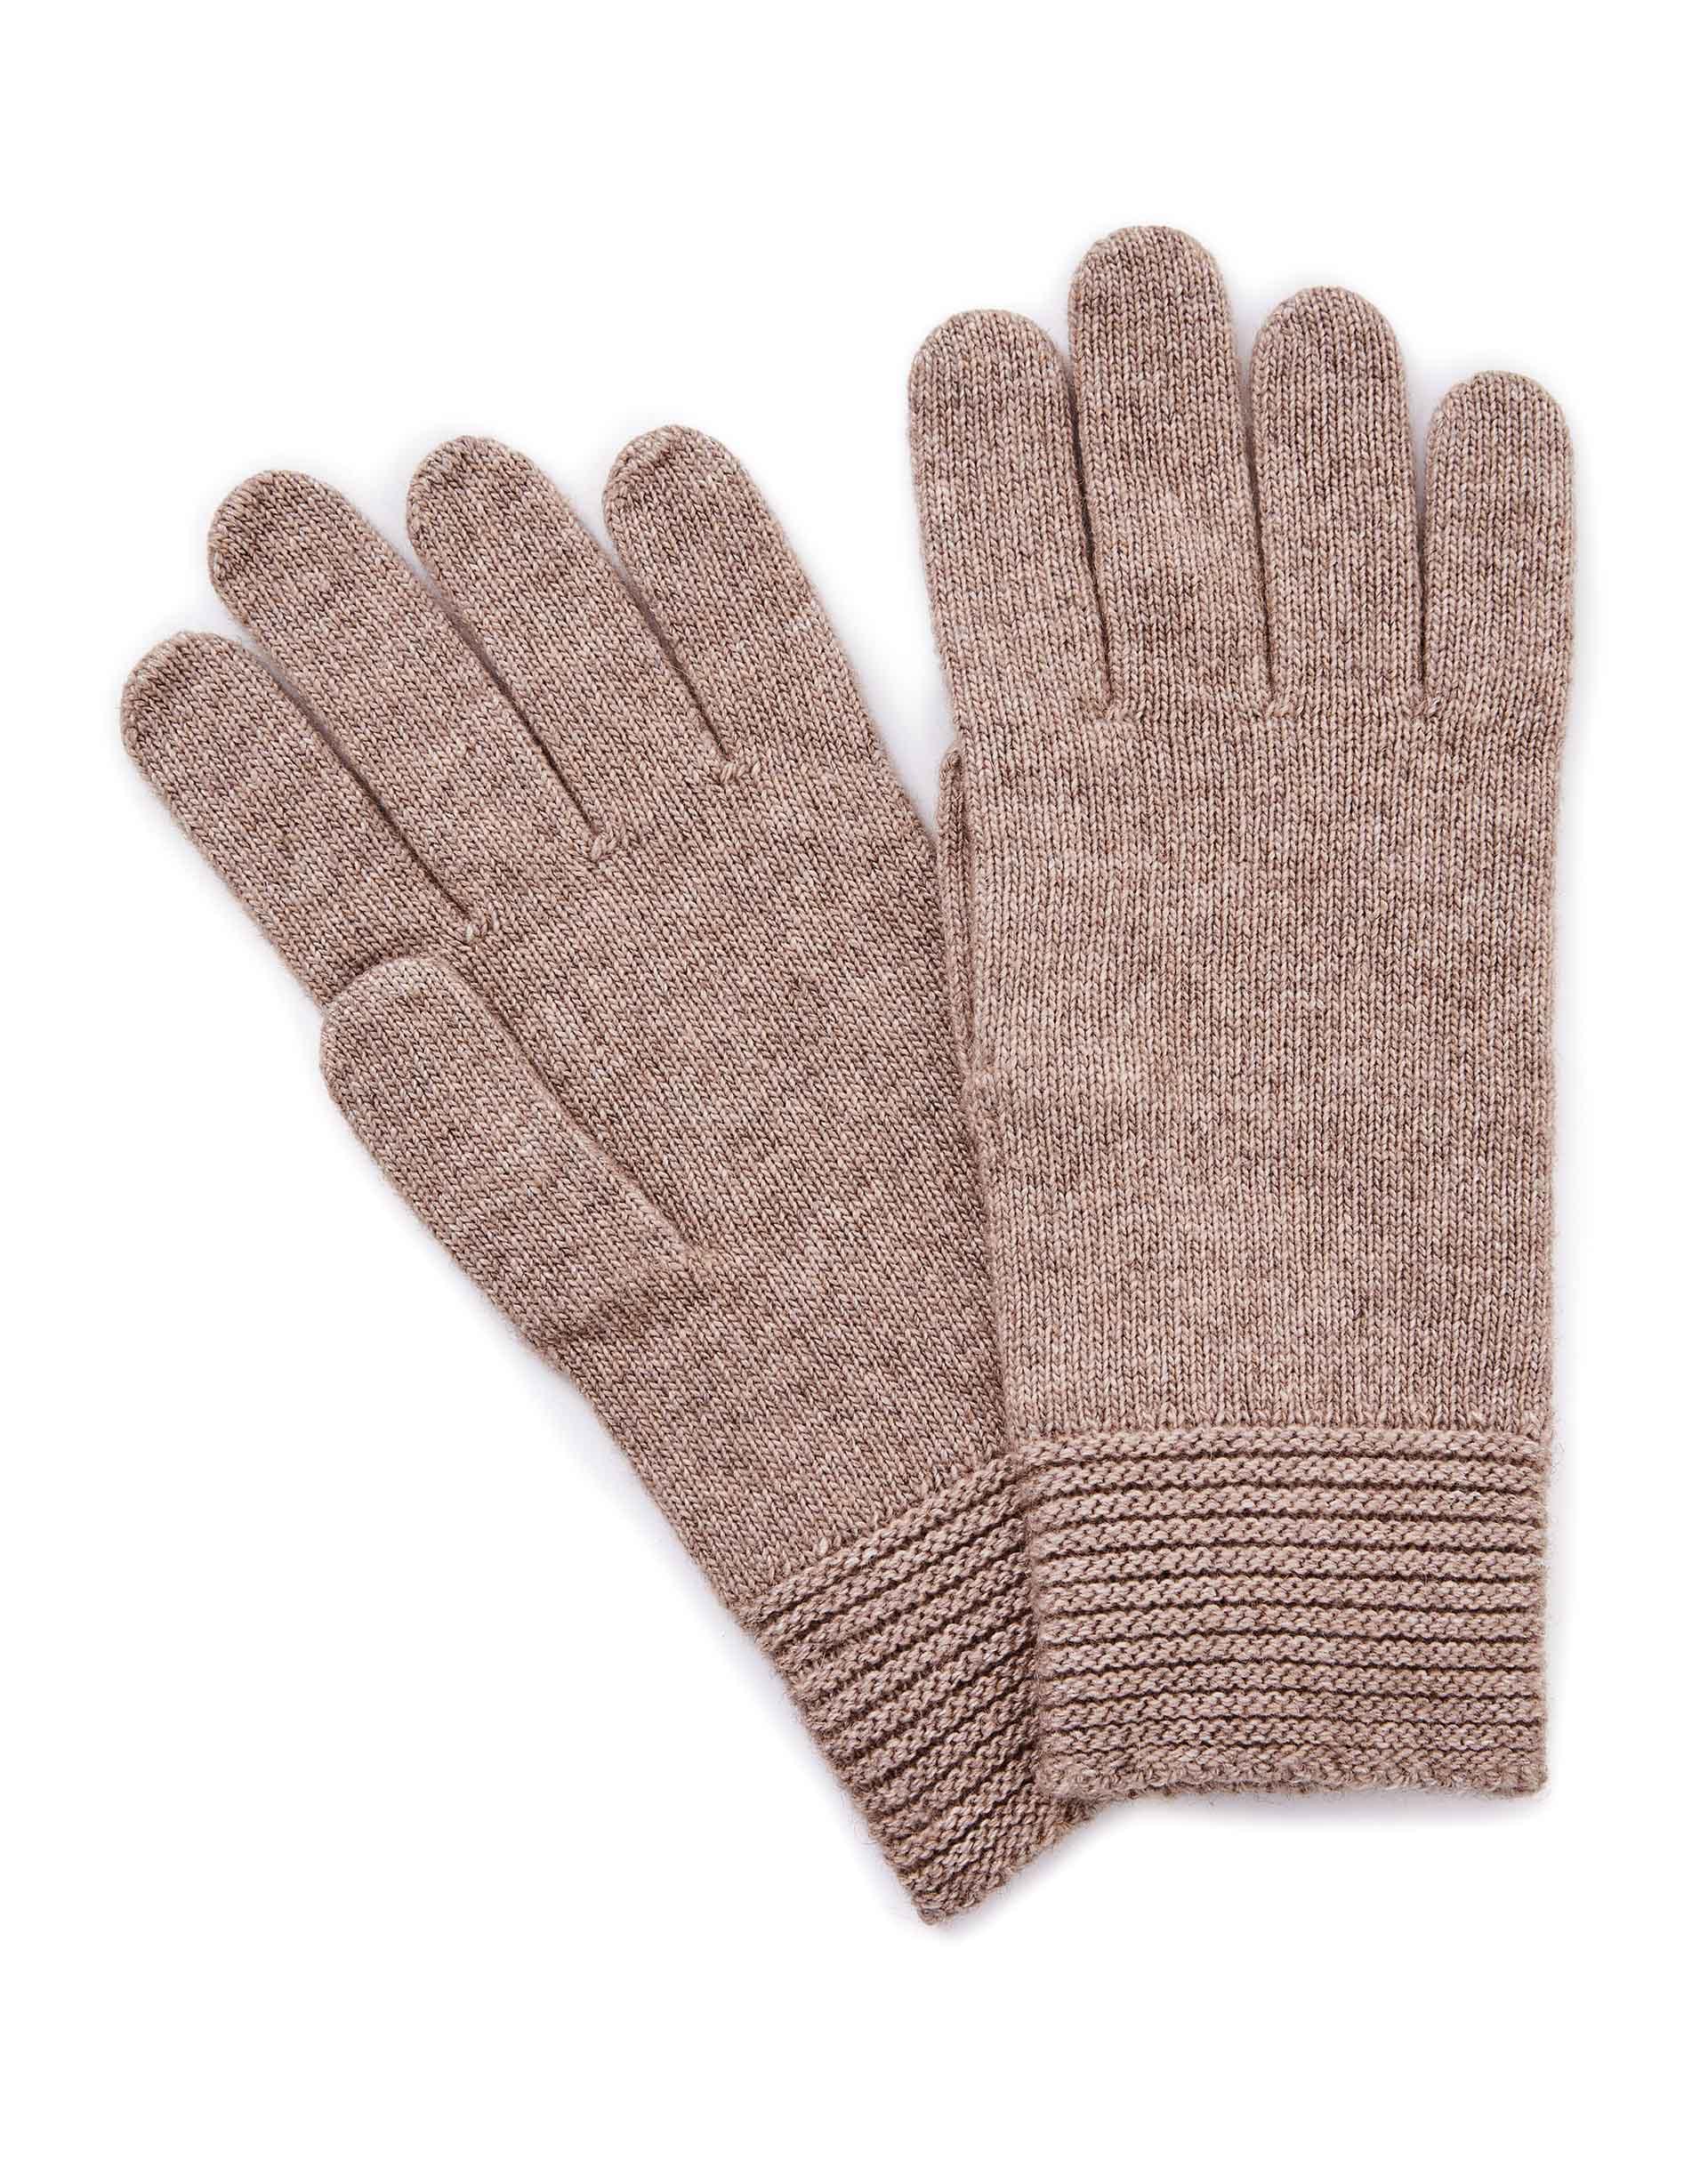 ПерчаткиПерчатки<br>Женские перчатки из полушерстяной пряжи. Высокие эластичные манжеты. Универсальный размер.<br>Цвет: Бежевый; Размер: OS;